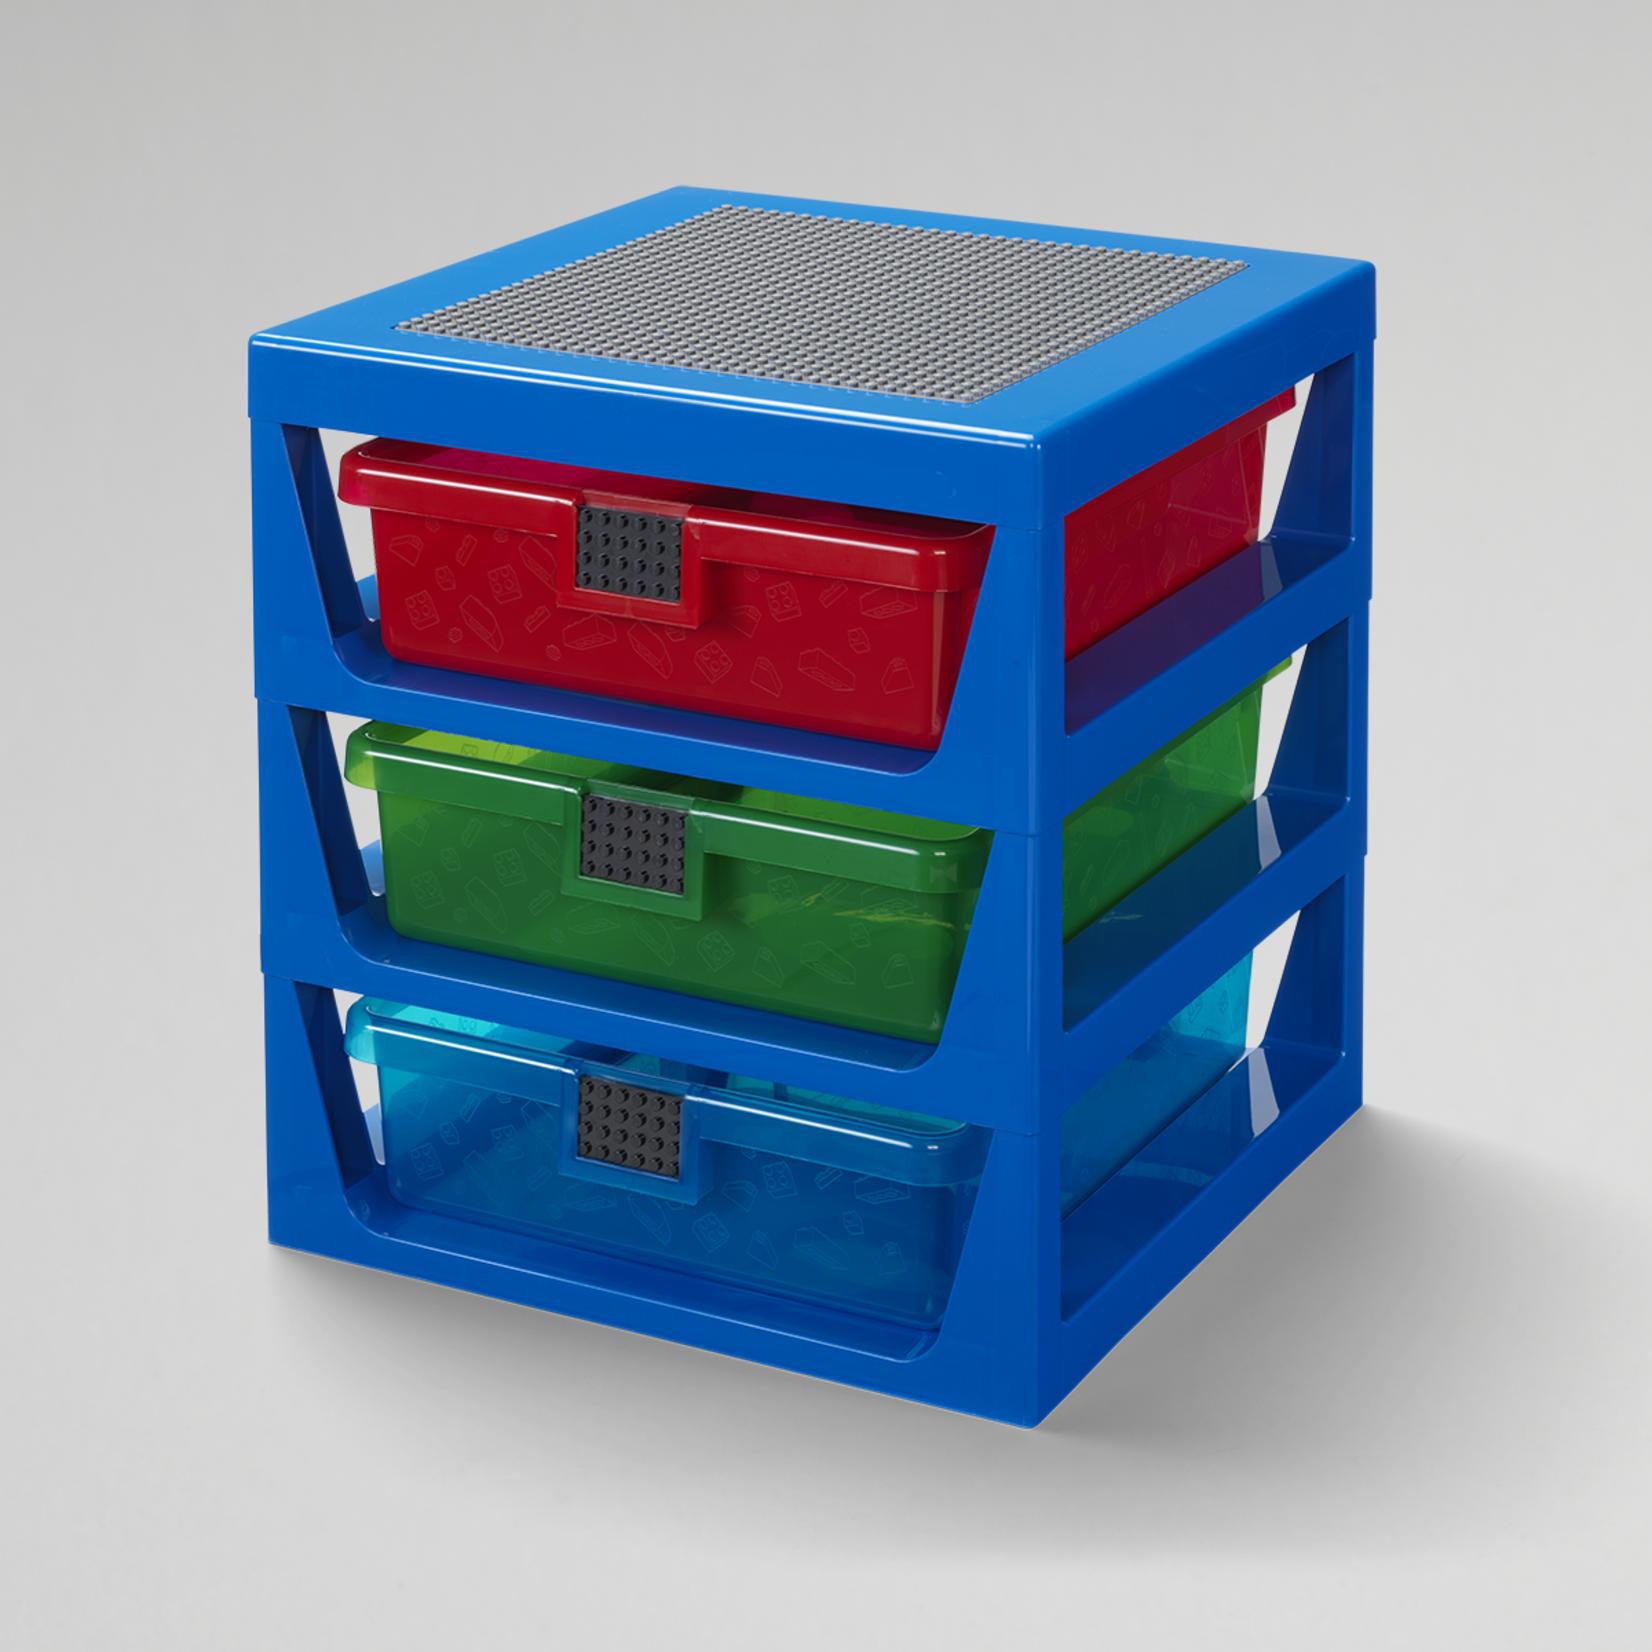 LEGO OPBERGREK MET 3 LADEN BLAUW